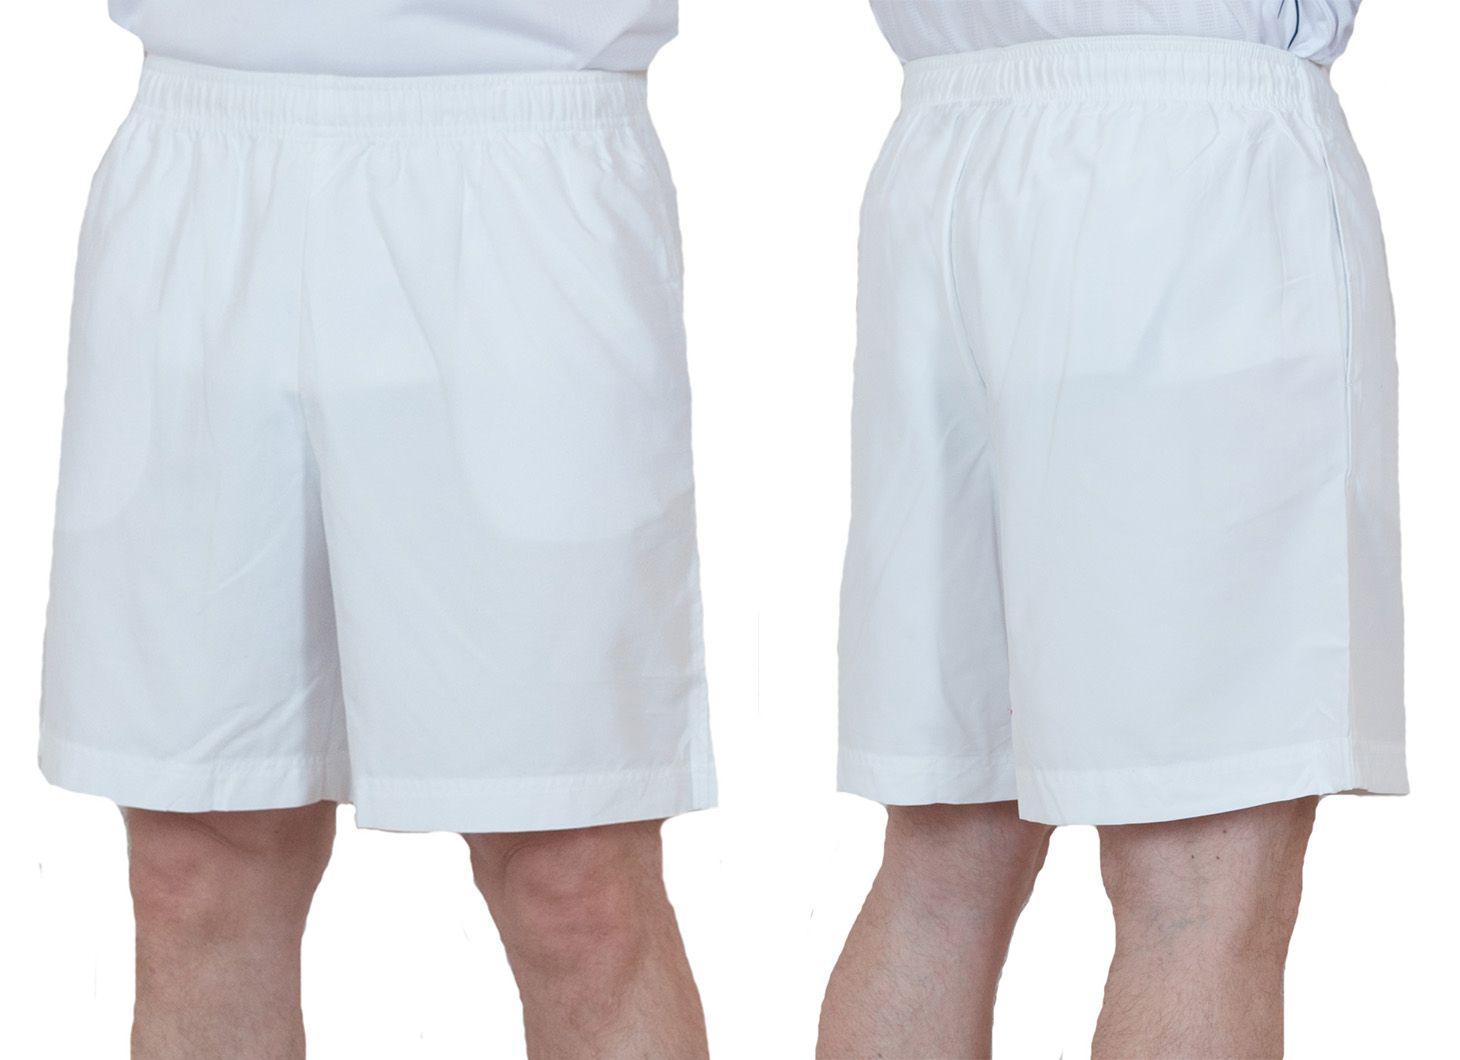 Заказать белые шорты для стильных мужчин